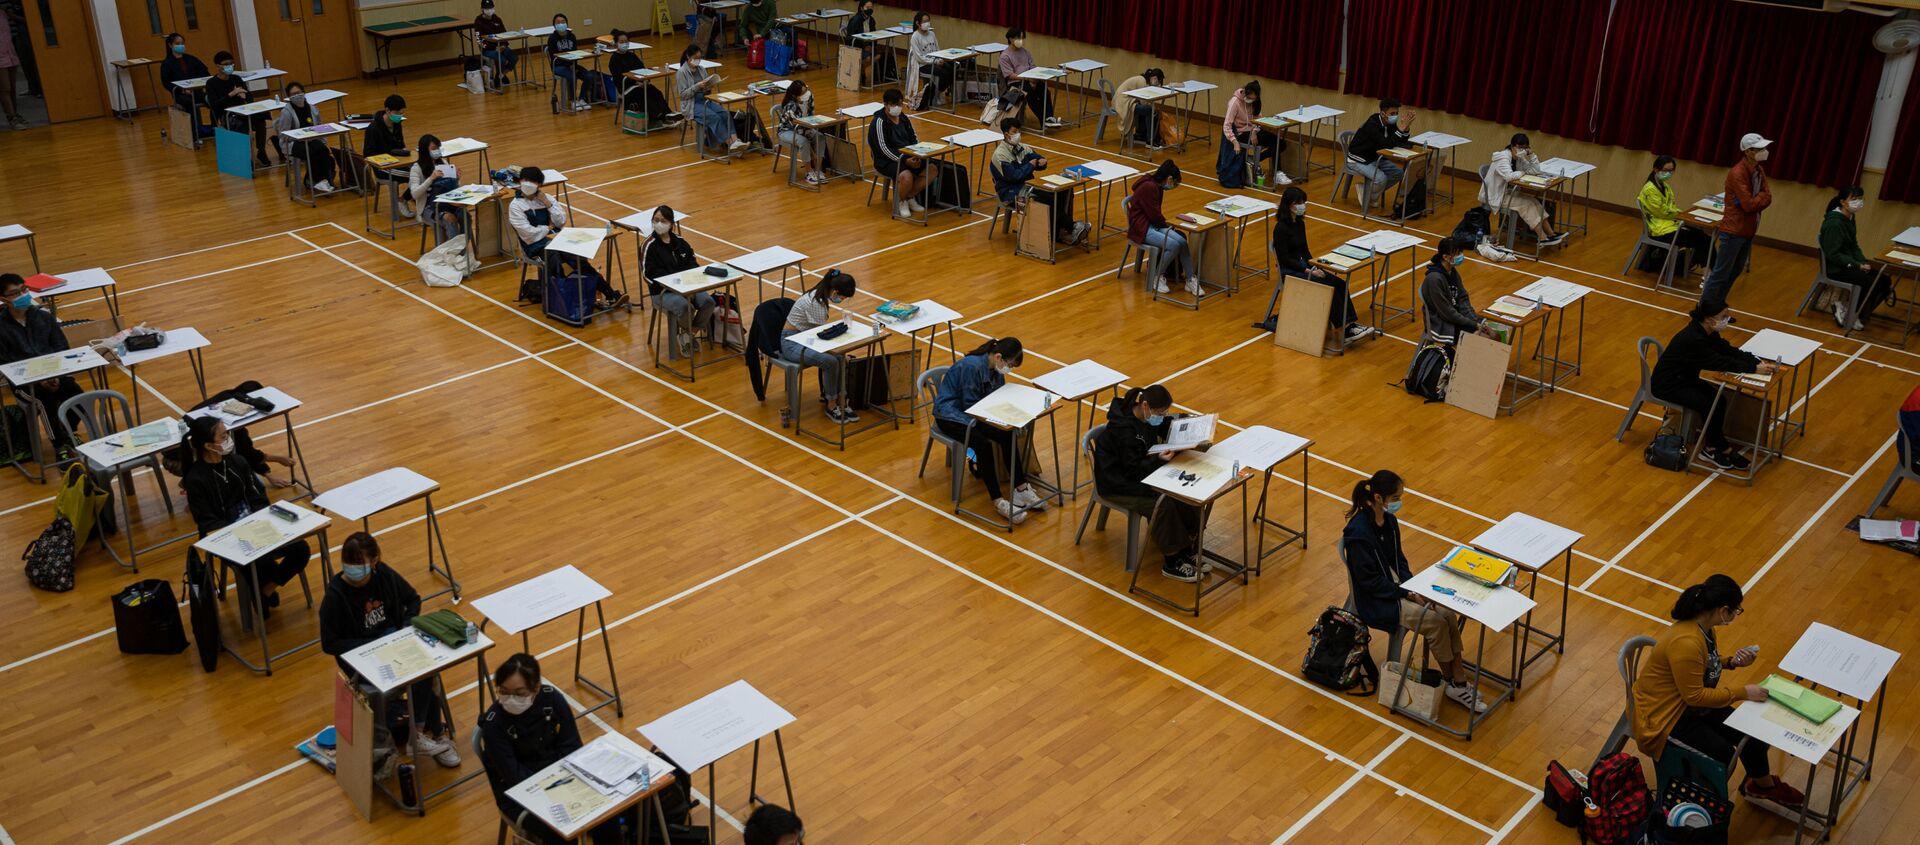 Студенты во время сдачи экзамена в Гонконге, Китай - Sputnik Аҧсны, 1920, 24.07.2020